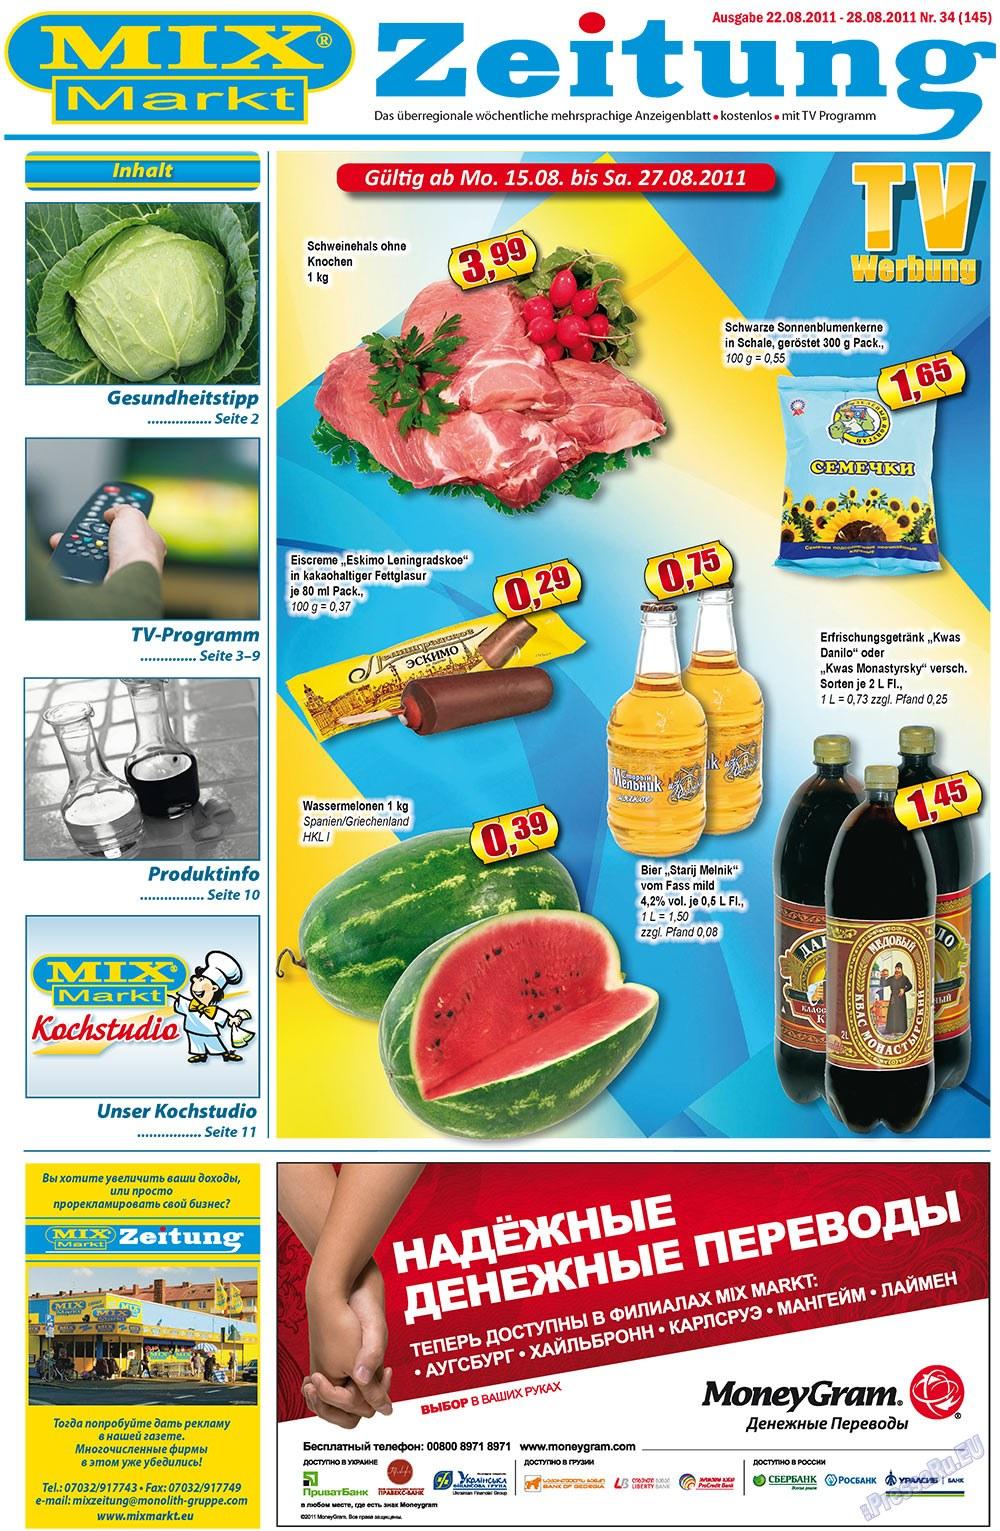 MIX-Markt Zeitung (газета). 2011 год, номер 34, стр. 1